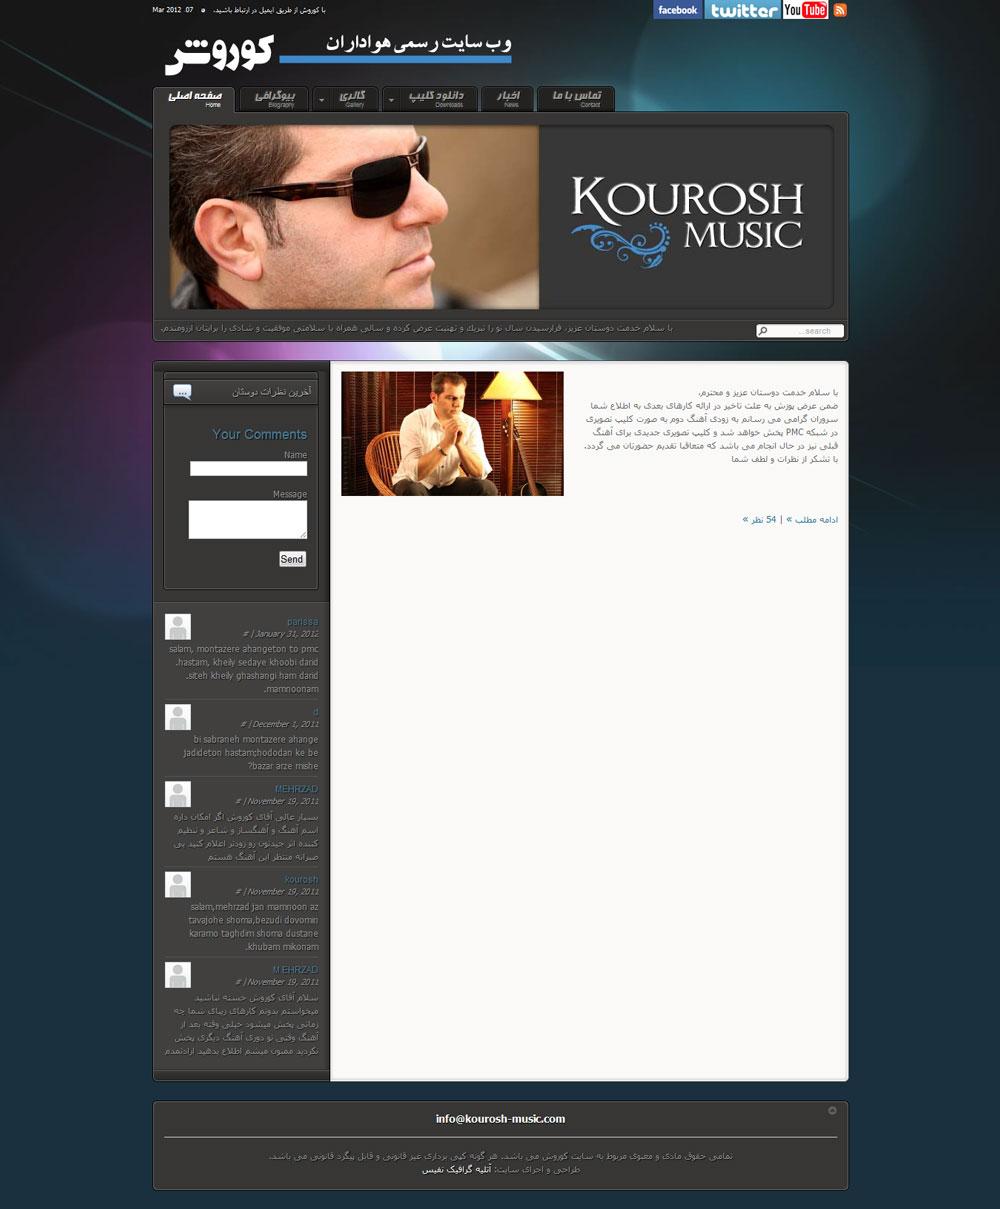 Kourosh-Music